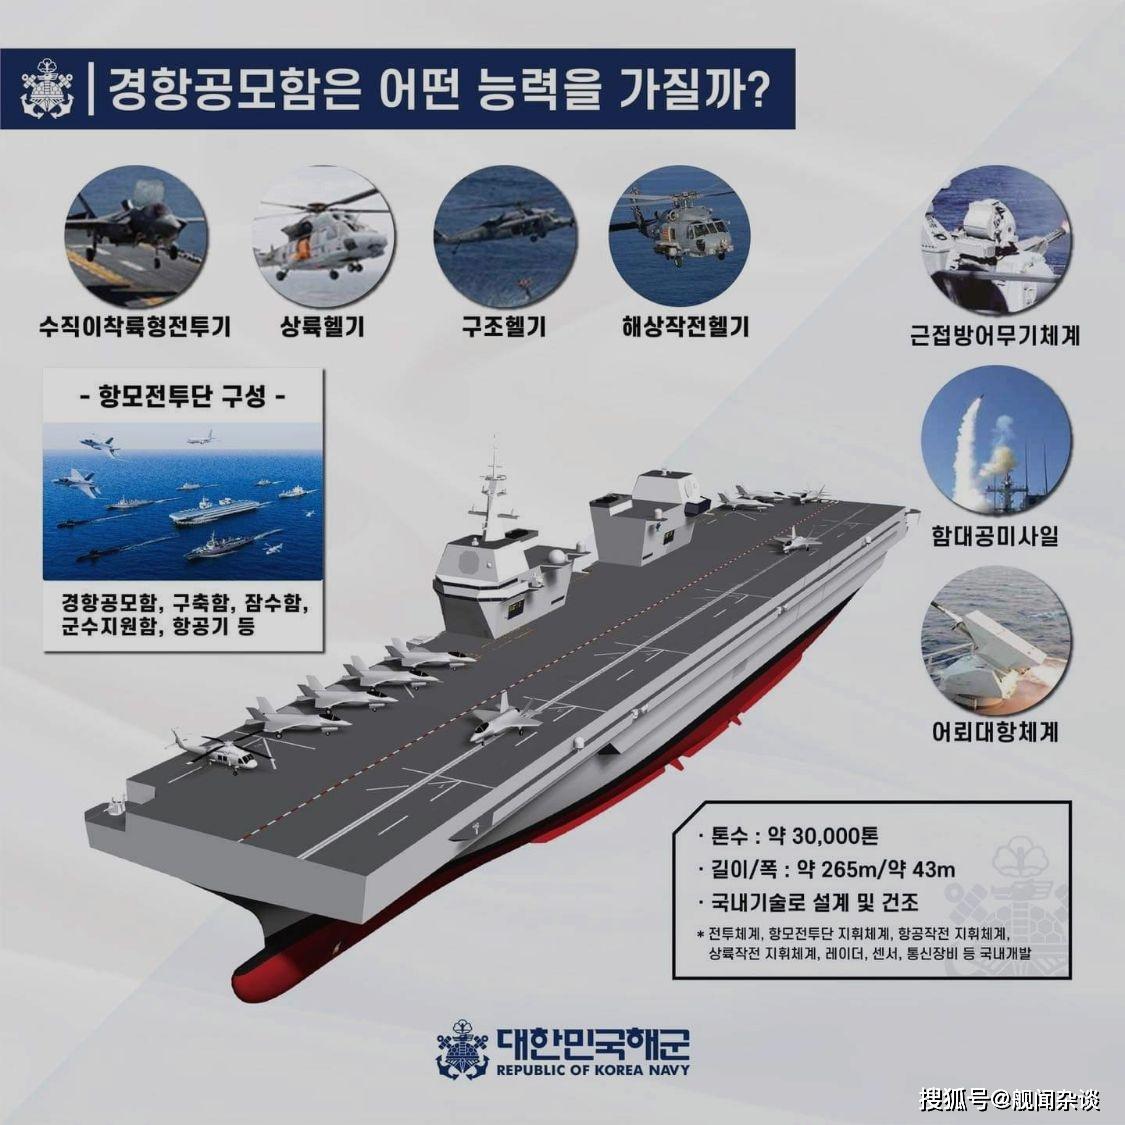 原创 建造航母势在必行—韩国海军走向远洋,东亚地区将成为航母密度第一